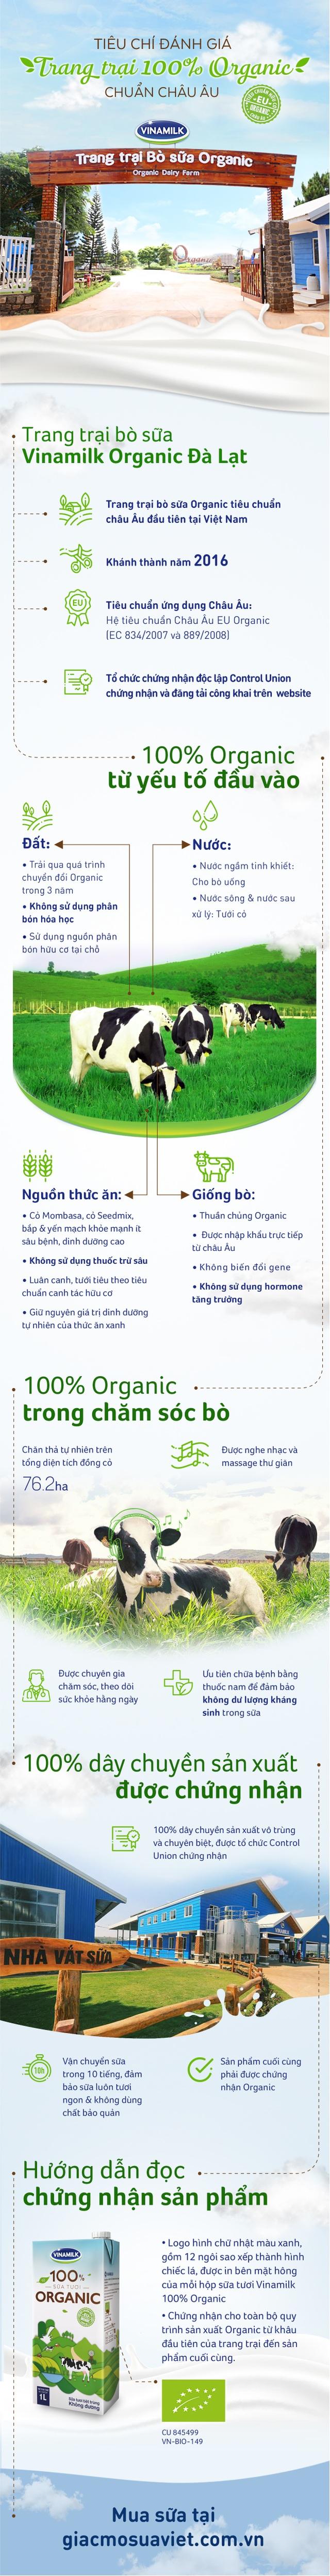 Những tiêu chuẩn khắt khe từ A đến Z đối với một trang trại bò sữa Organic chuẩn Châu Âu - 1